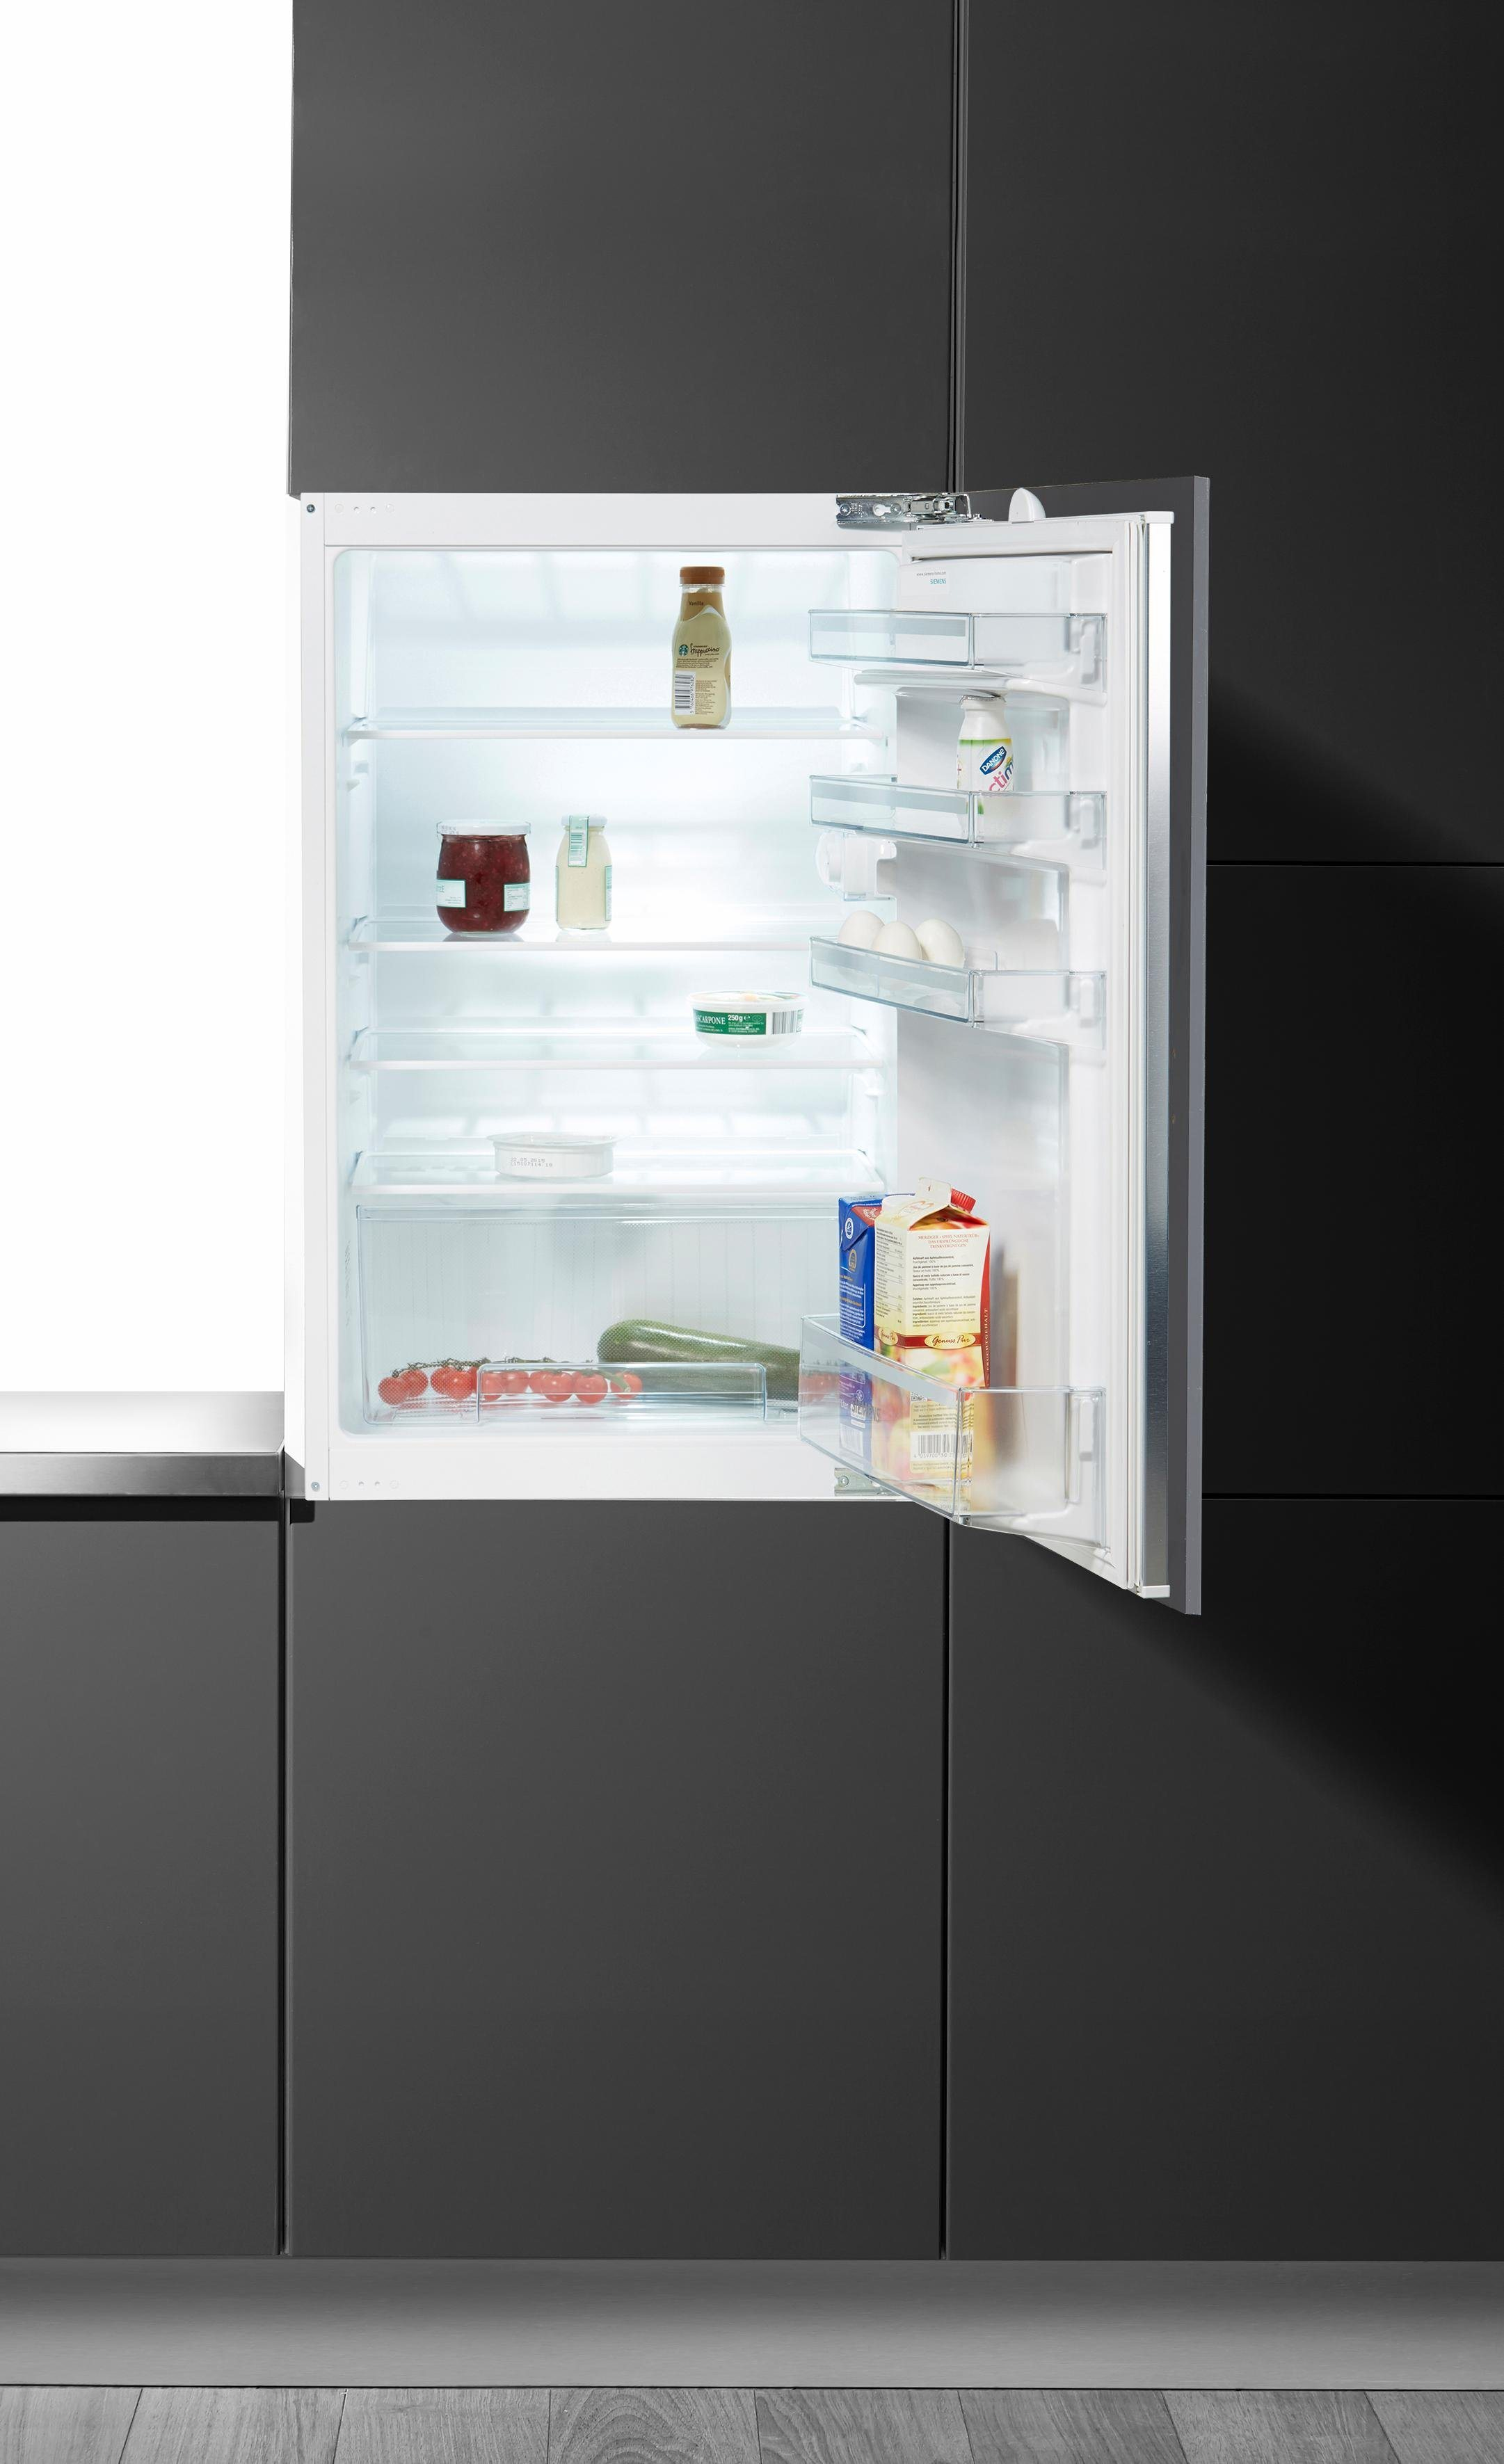 Einbaukühlschrank KI18RV60, 87,4 cm hoch, 54,1 cm breit, A++, 87,4 cm, für 88er Nische, integrierbar